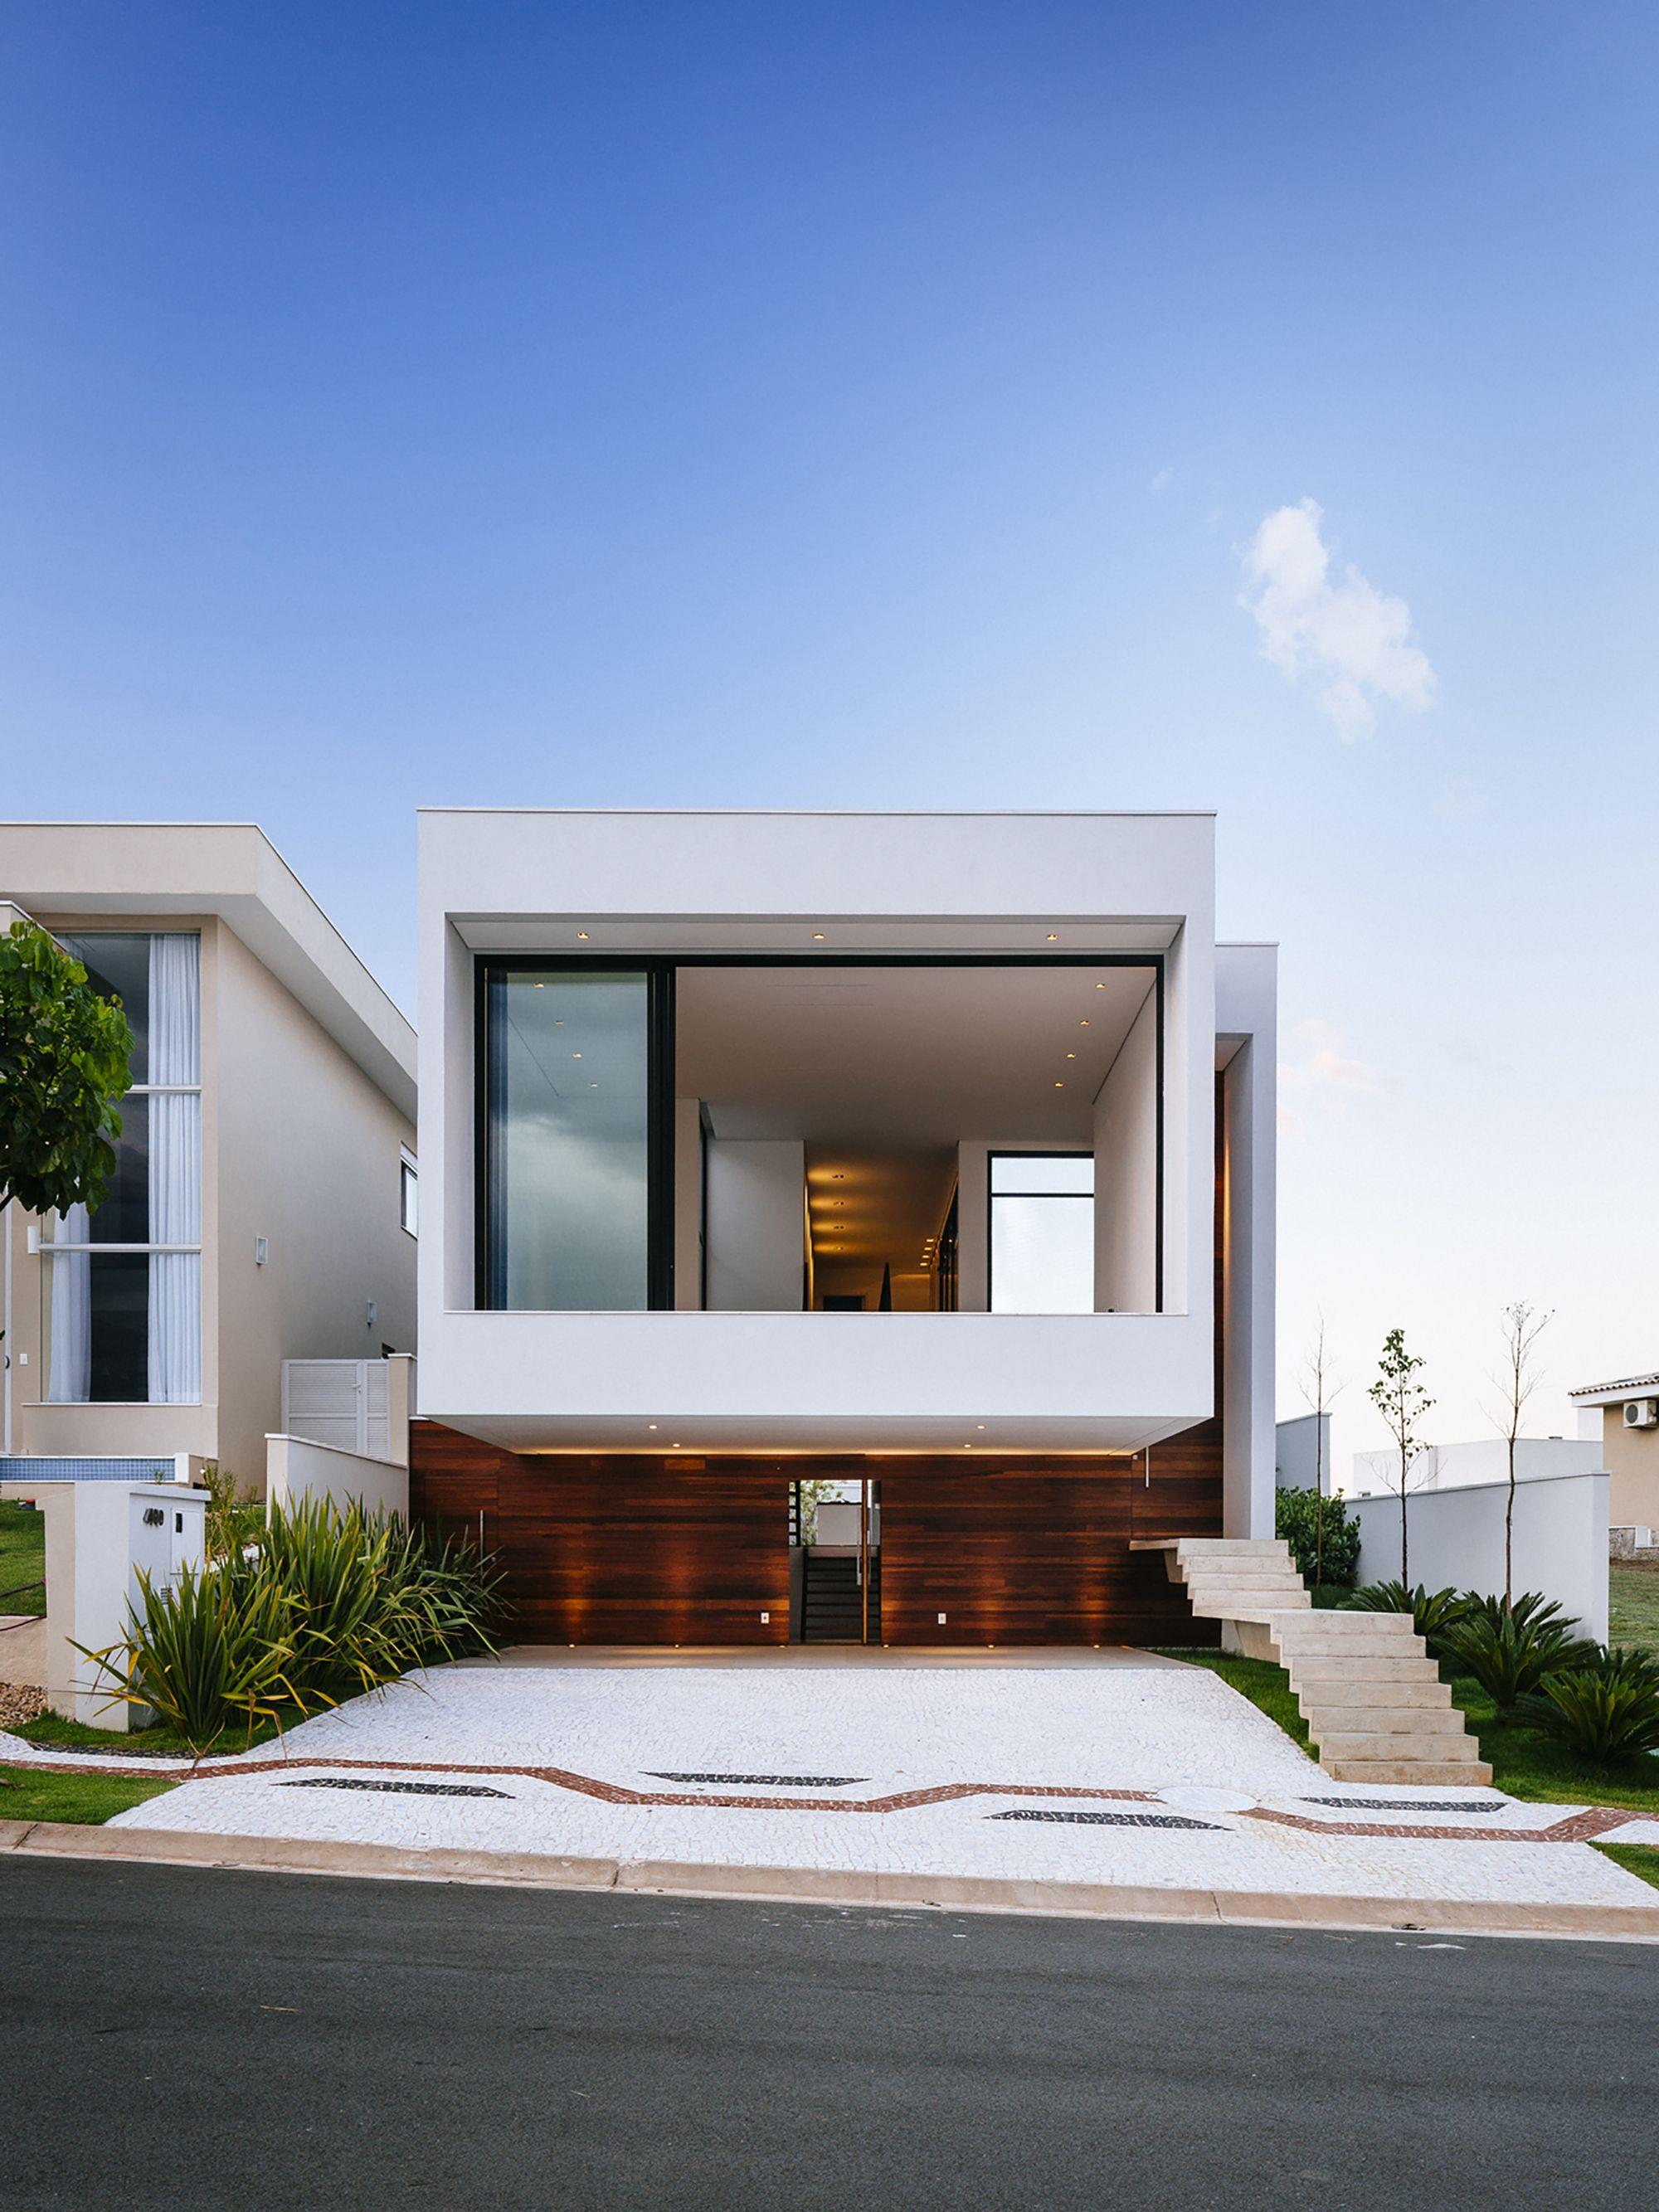 Dise o de moderna casa de dos pisos m s planos fachada for Interiores de casas modernas de un piso